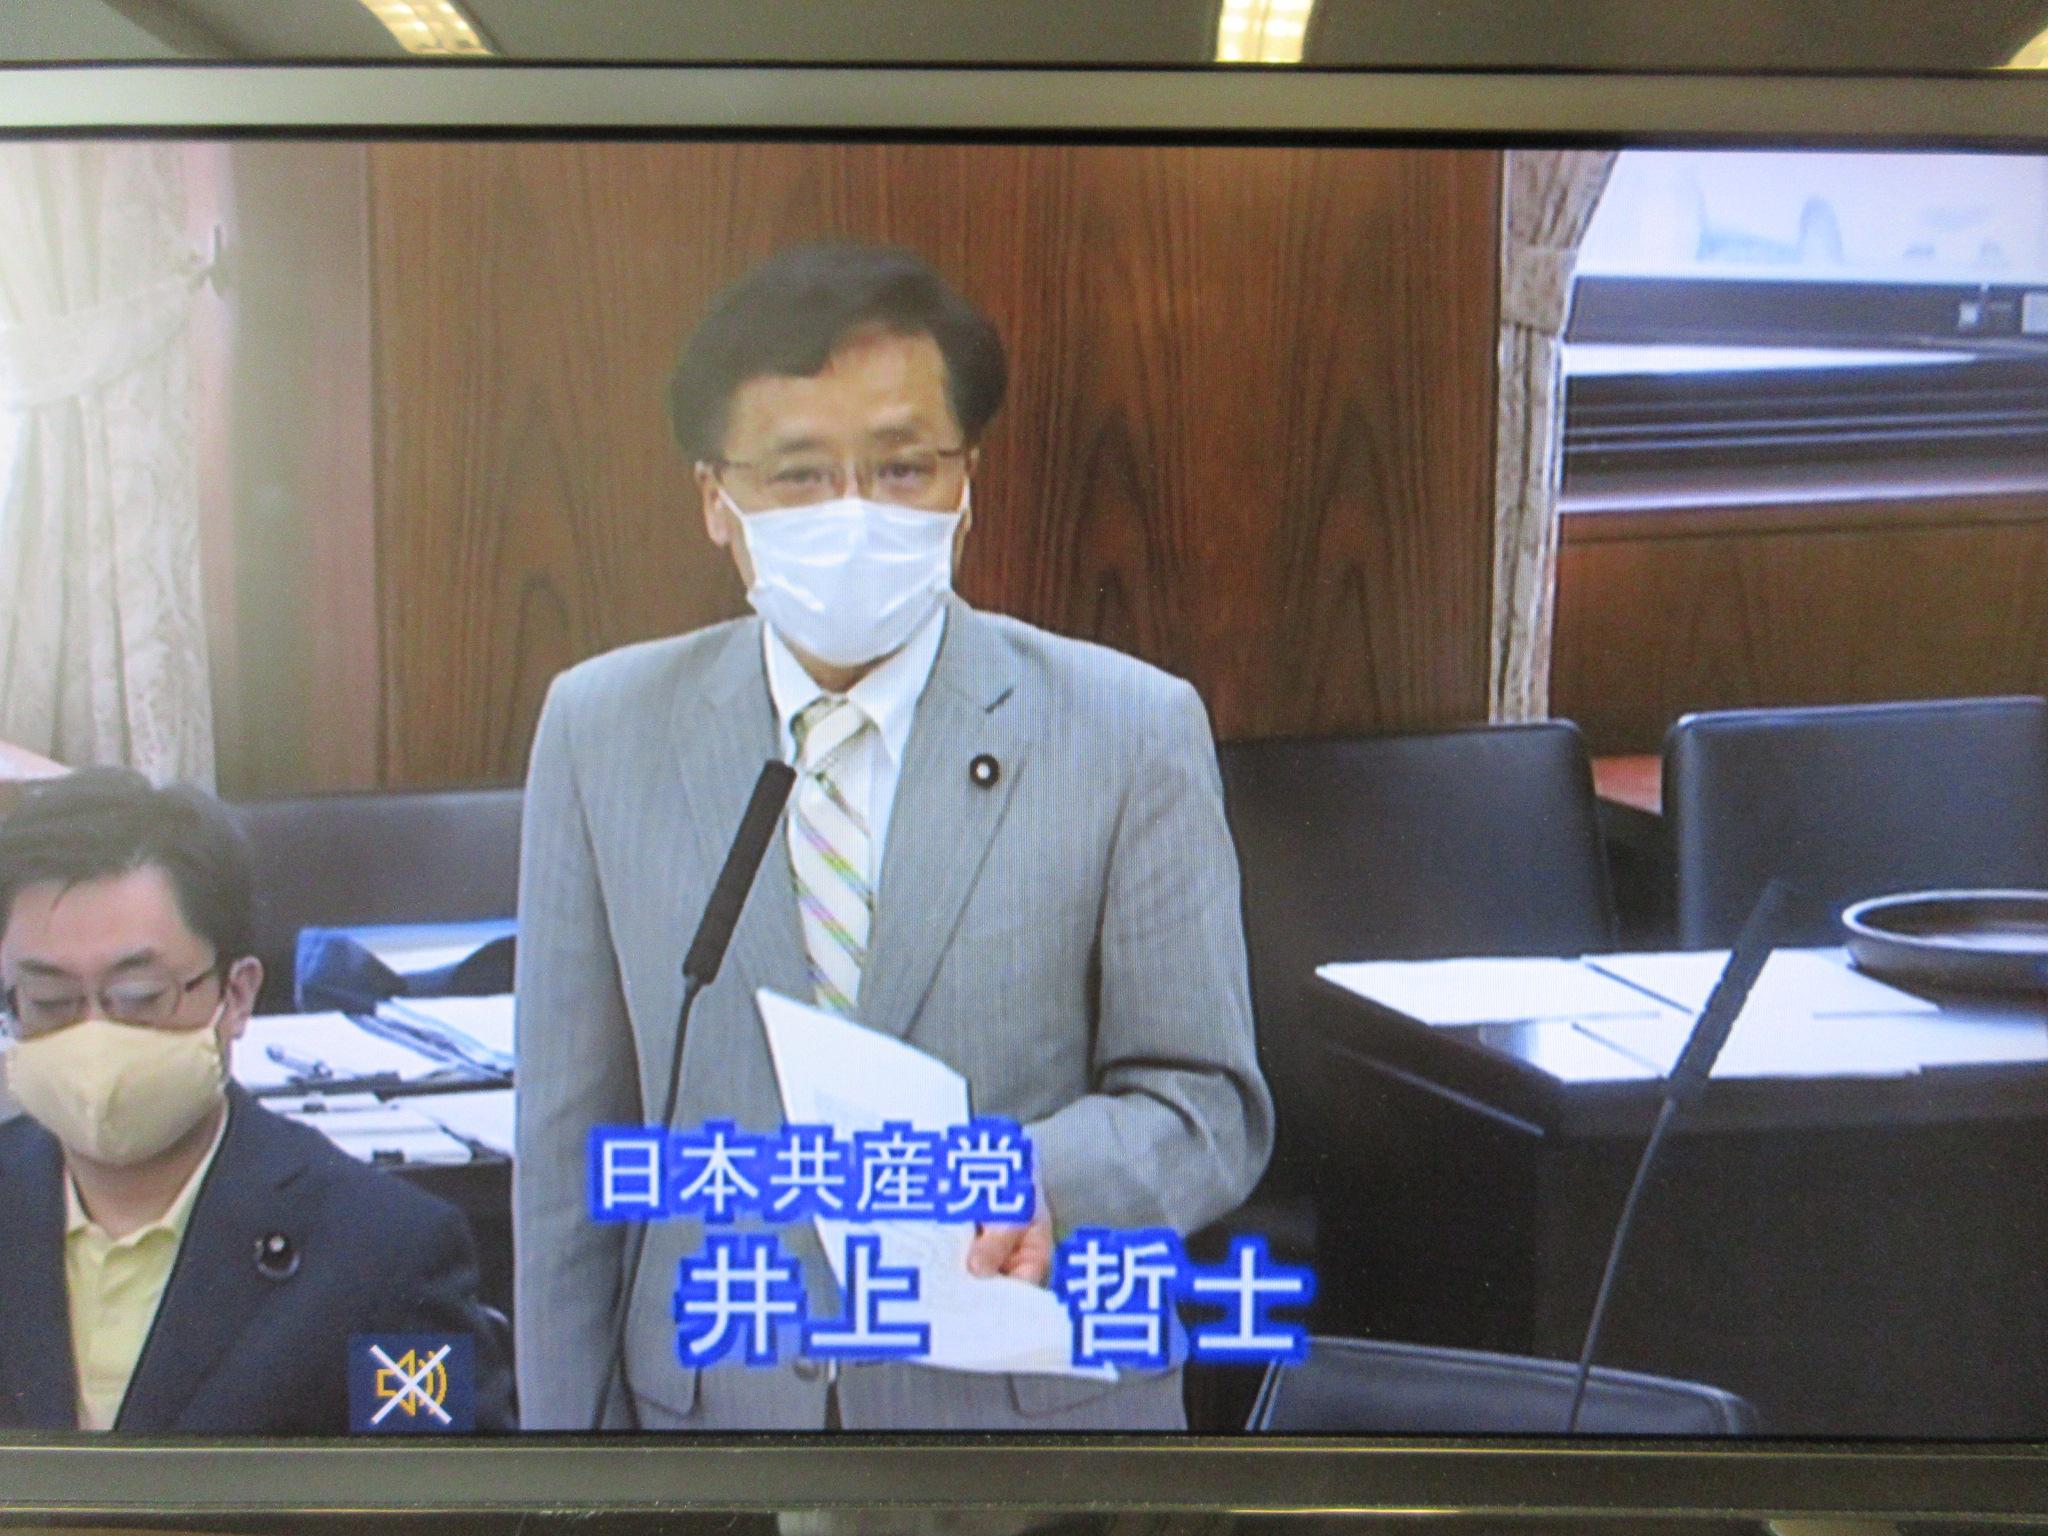 http://www.inoue-satoshi.com/diary/IMG_0626.JPG